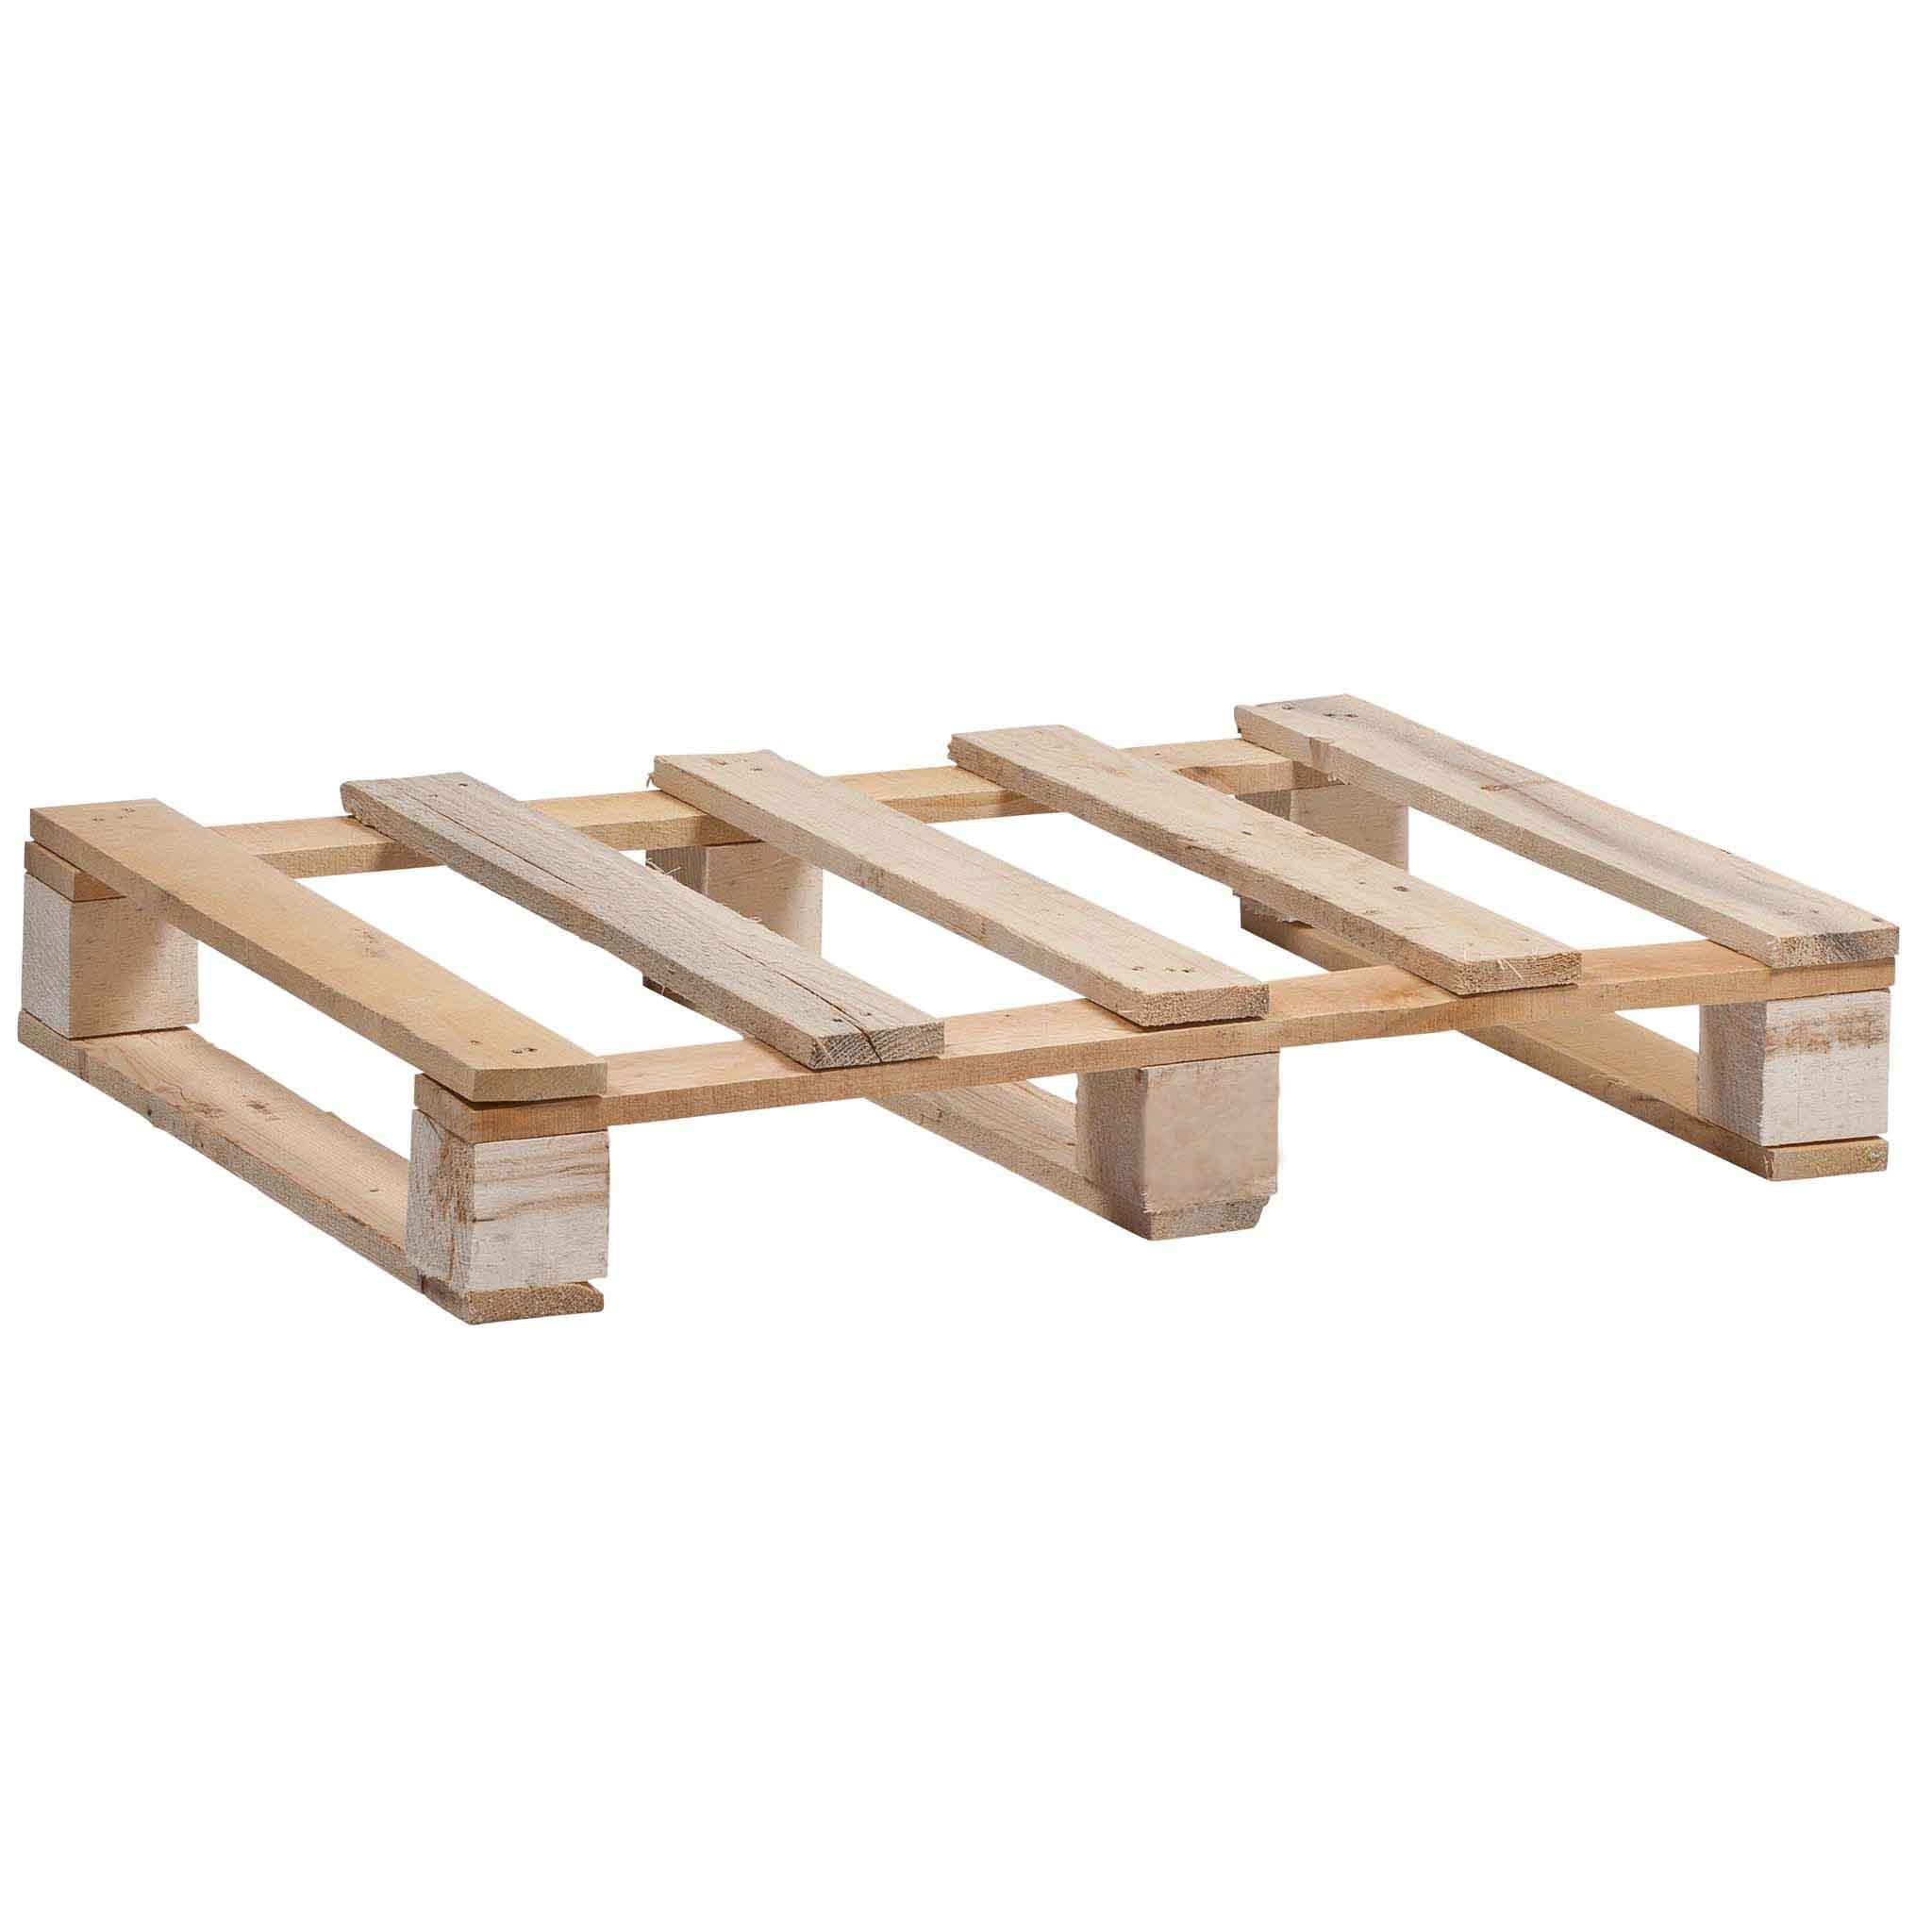 IPPC-Holz-Paletten | Kleinmengen Größe 1.200 x 800 mm